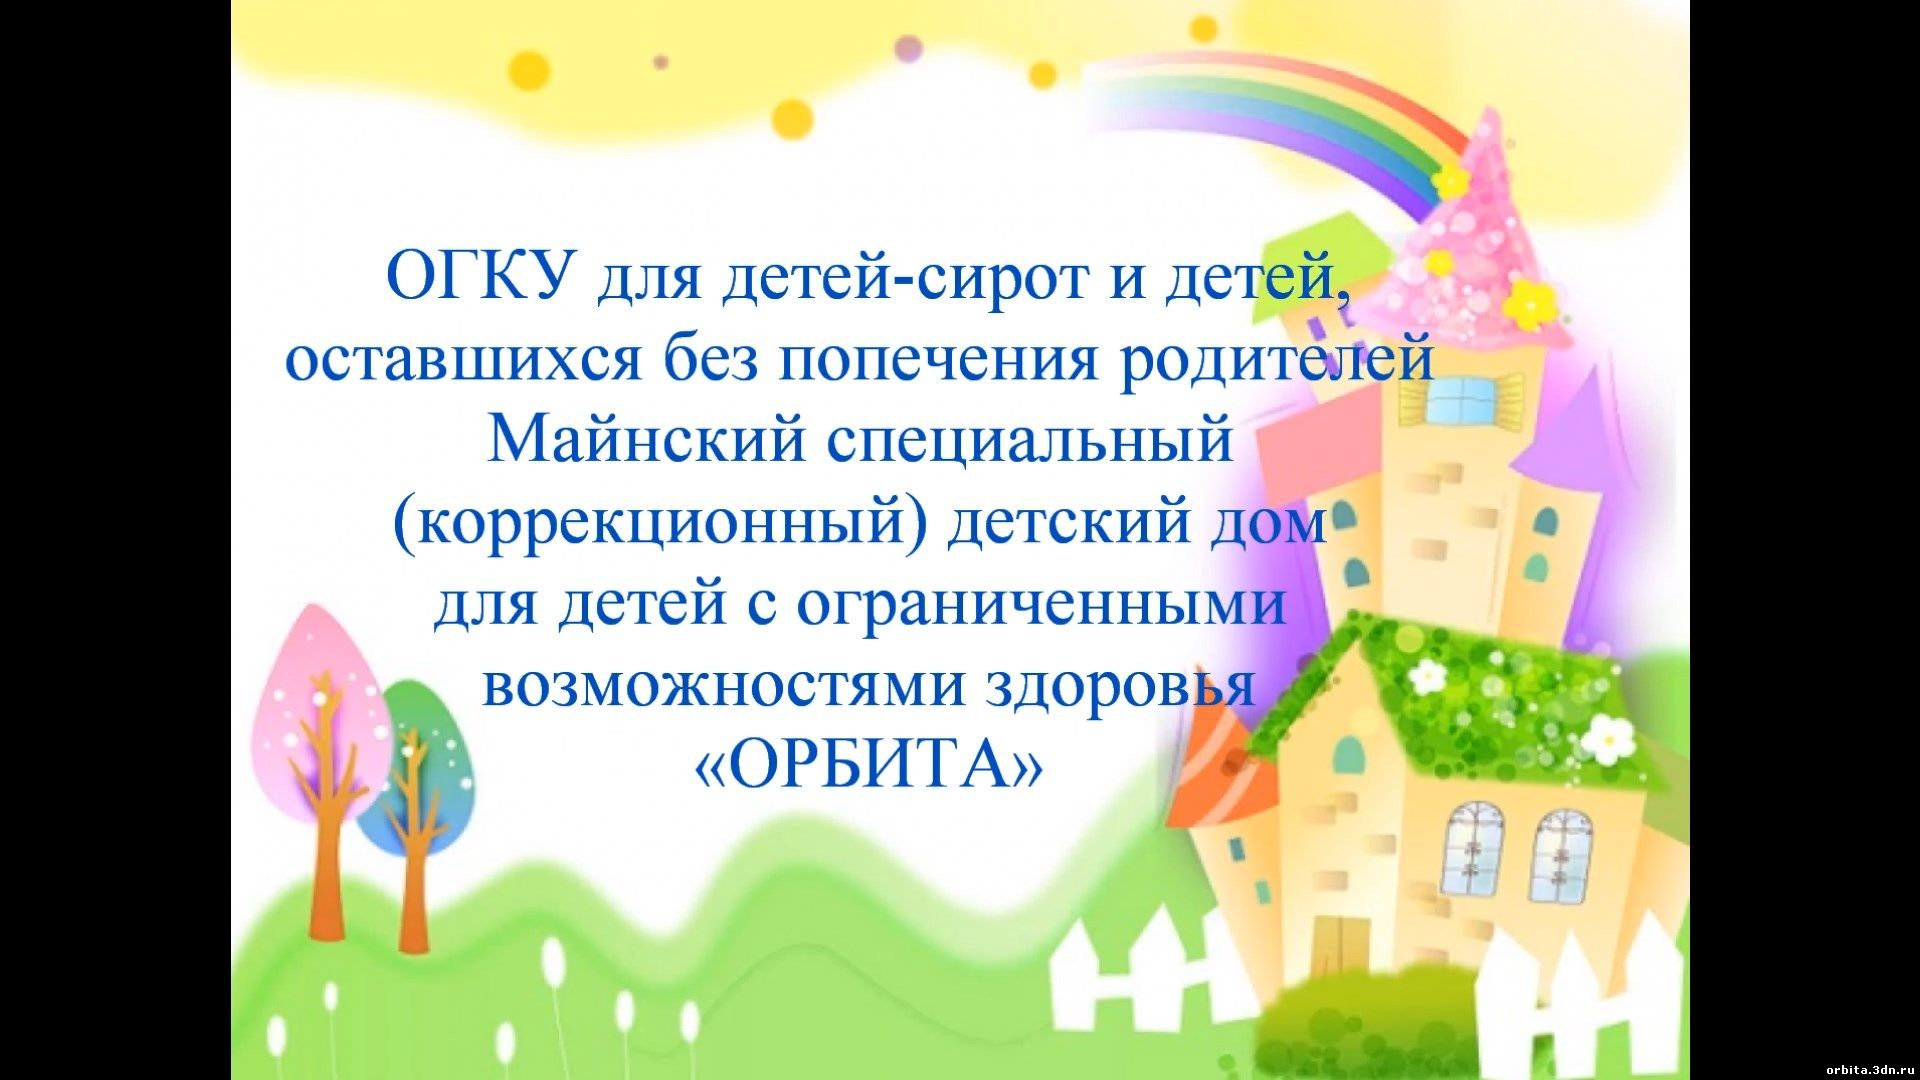 http://orbita.3dn.ru/2019/detskij_dom_orbita.wmv_snapshot_00.01-2019.03.15_0.jpg